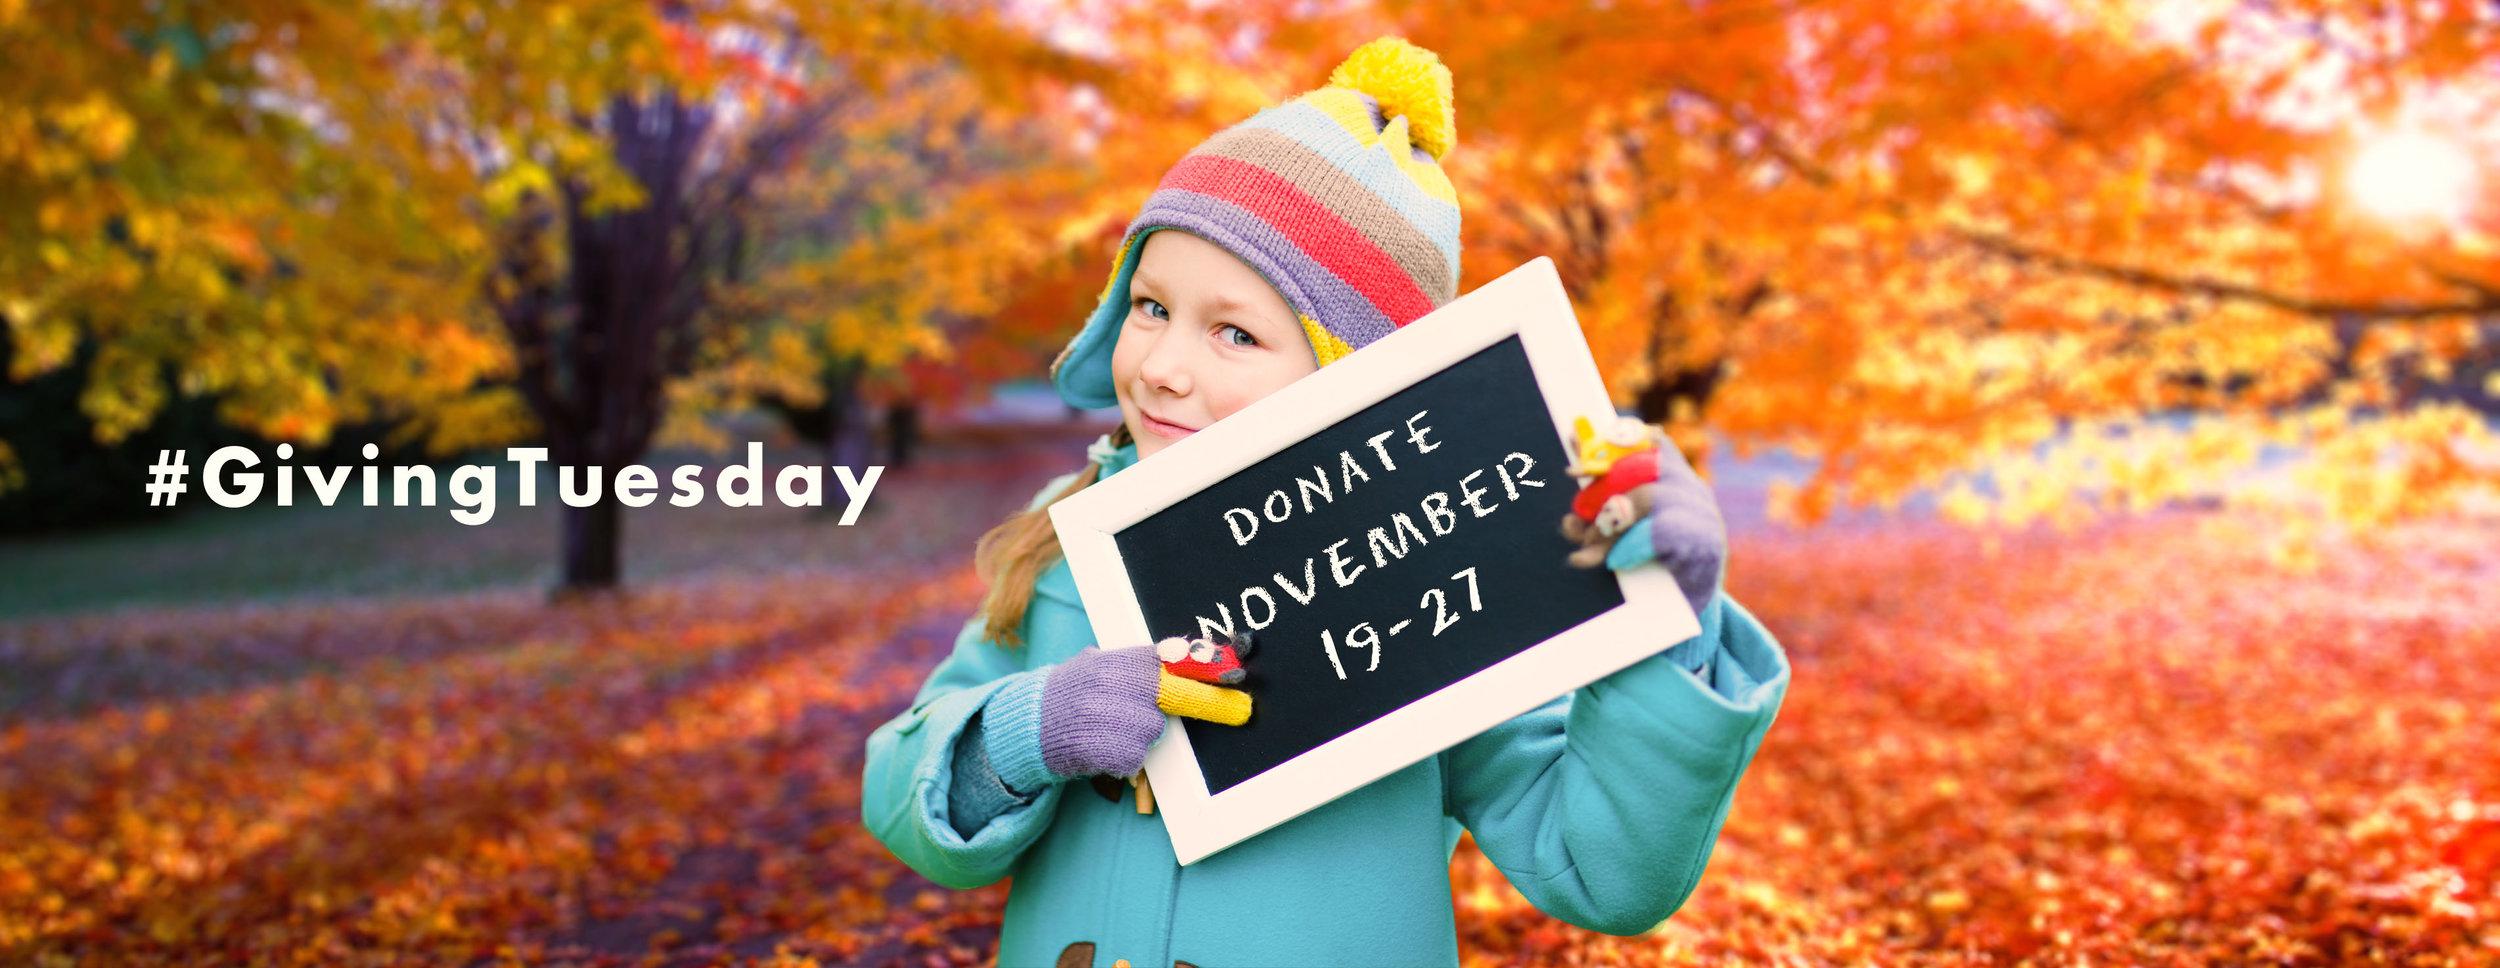 givingtuesday banner 2.jpg